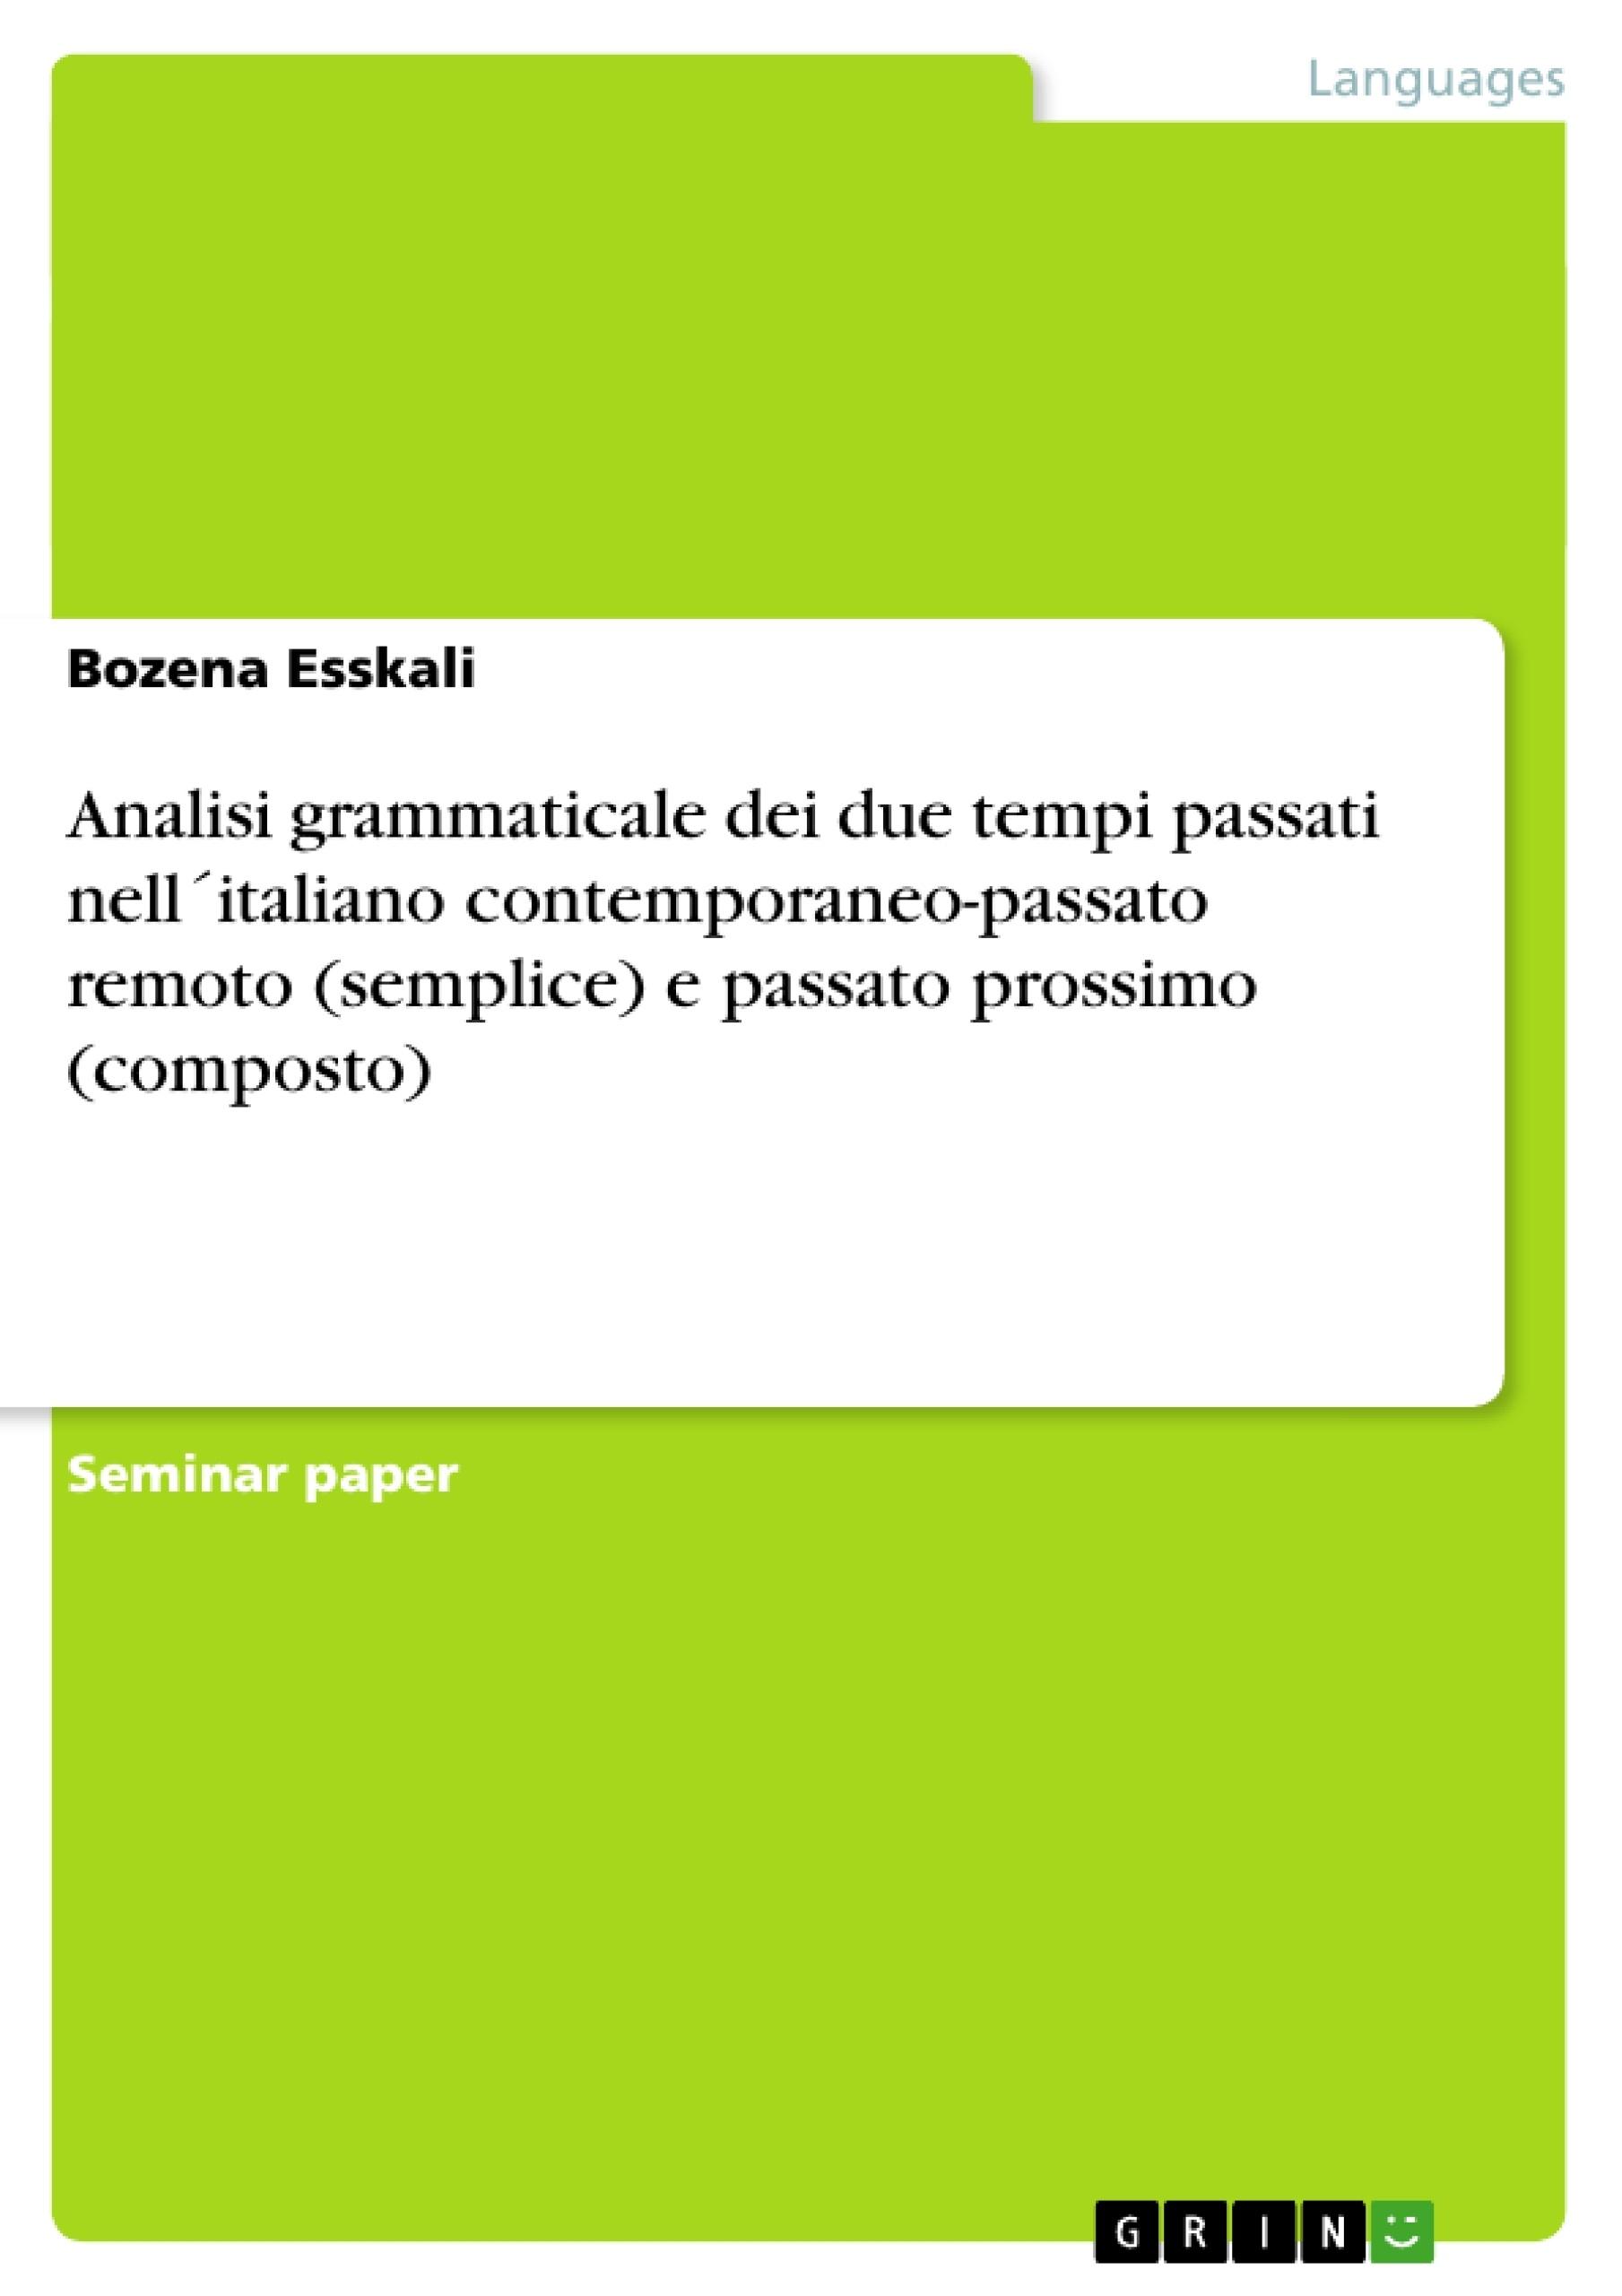 Title: Analisi grammaticale dei due tempi passati nell´italiano contemporaneo-passato remoto (semplice) e passato prossimo (composto)